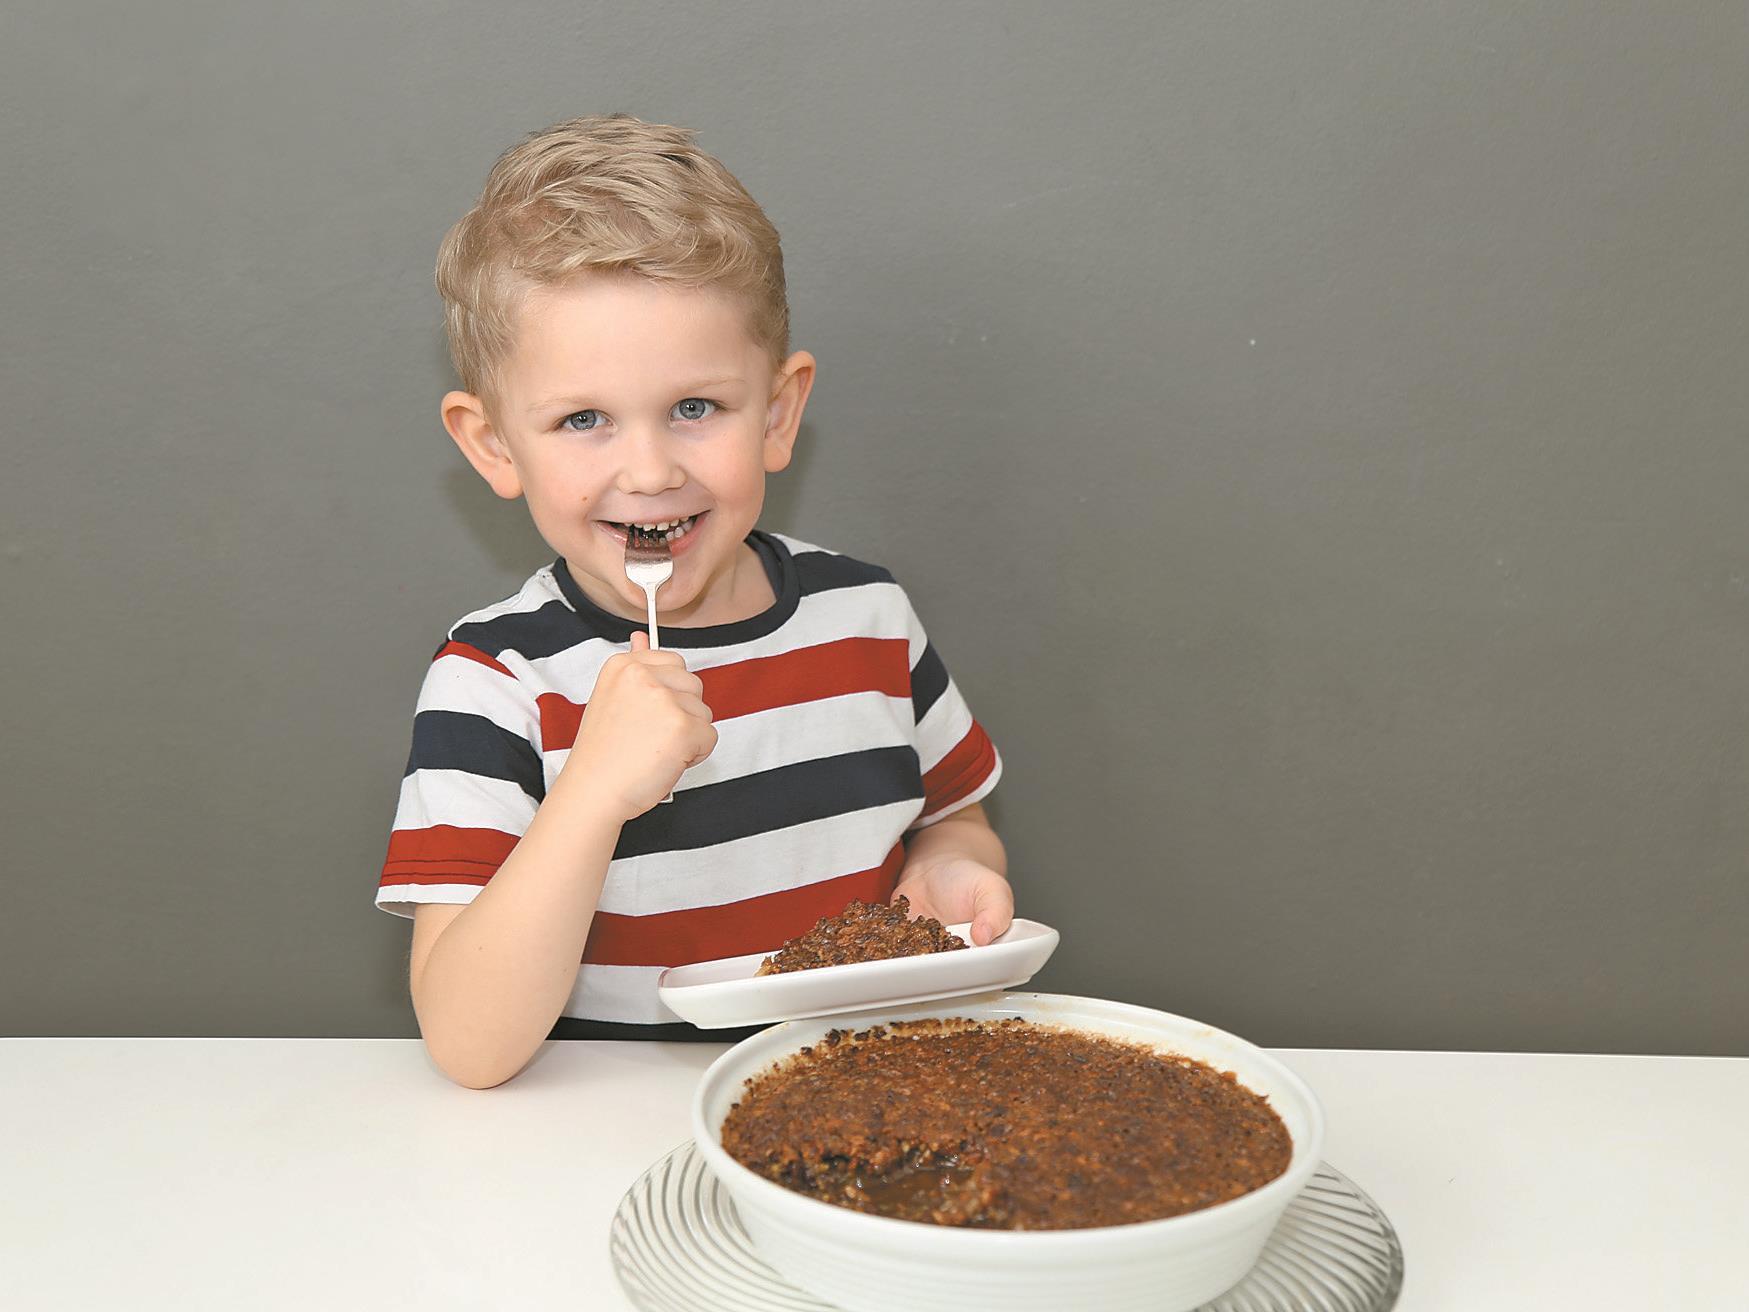 Jason Durell lässt sich nach getaner Arbeit seinen Pekannuss-Kuchen schmecken.